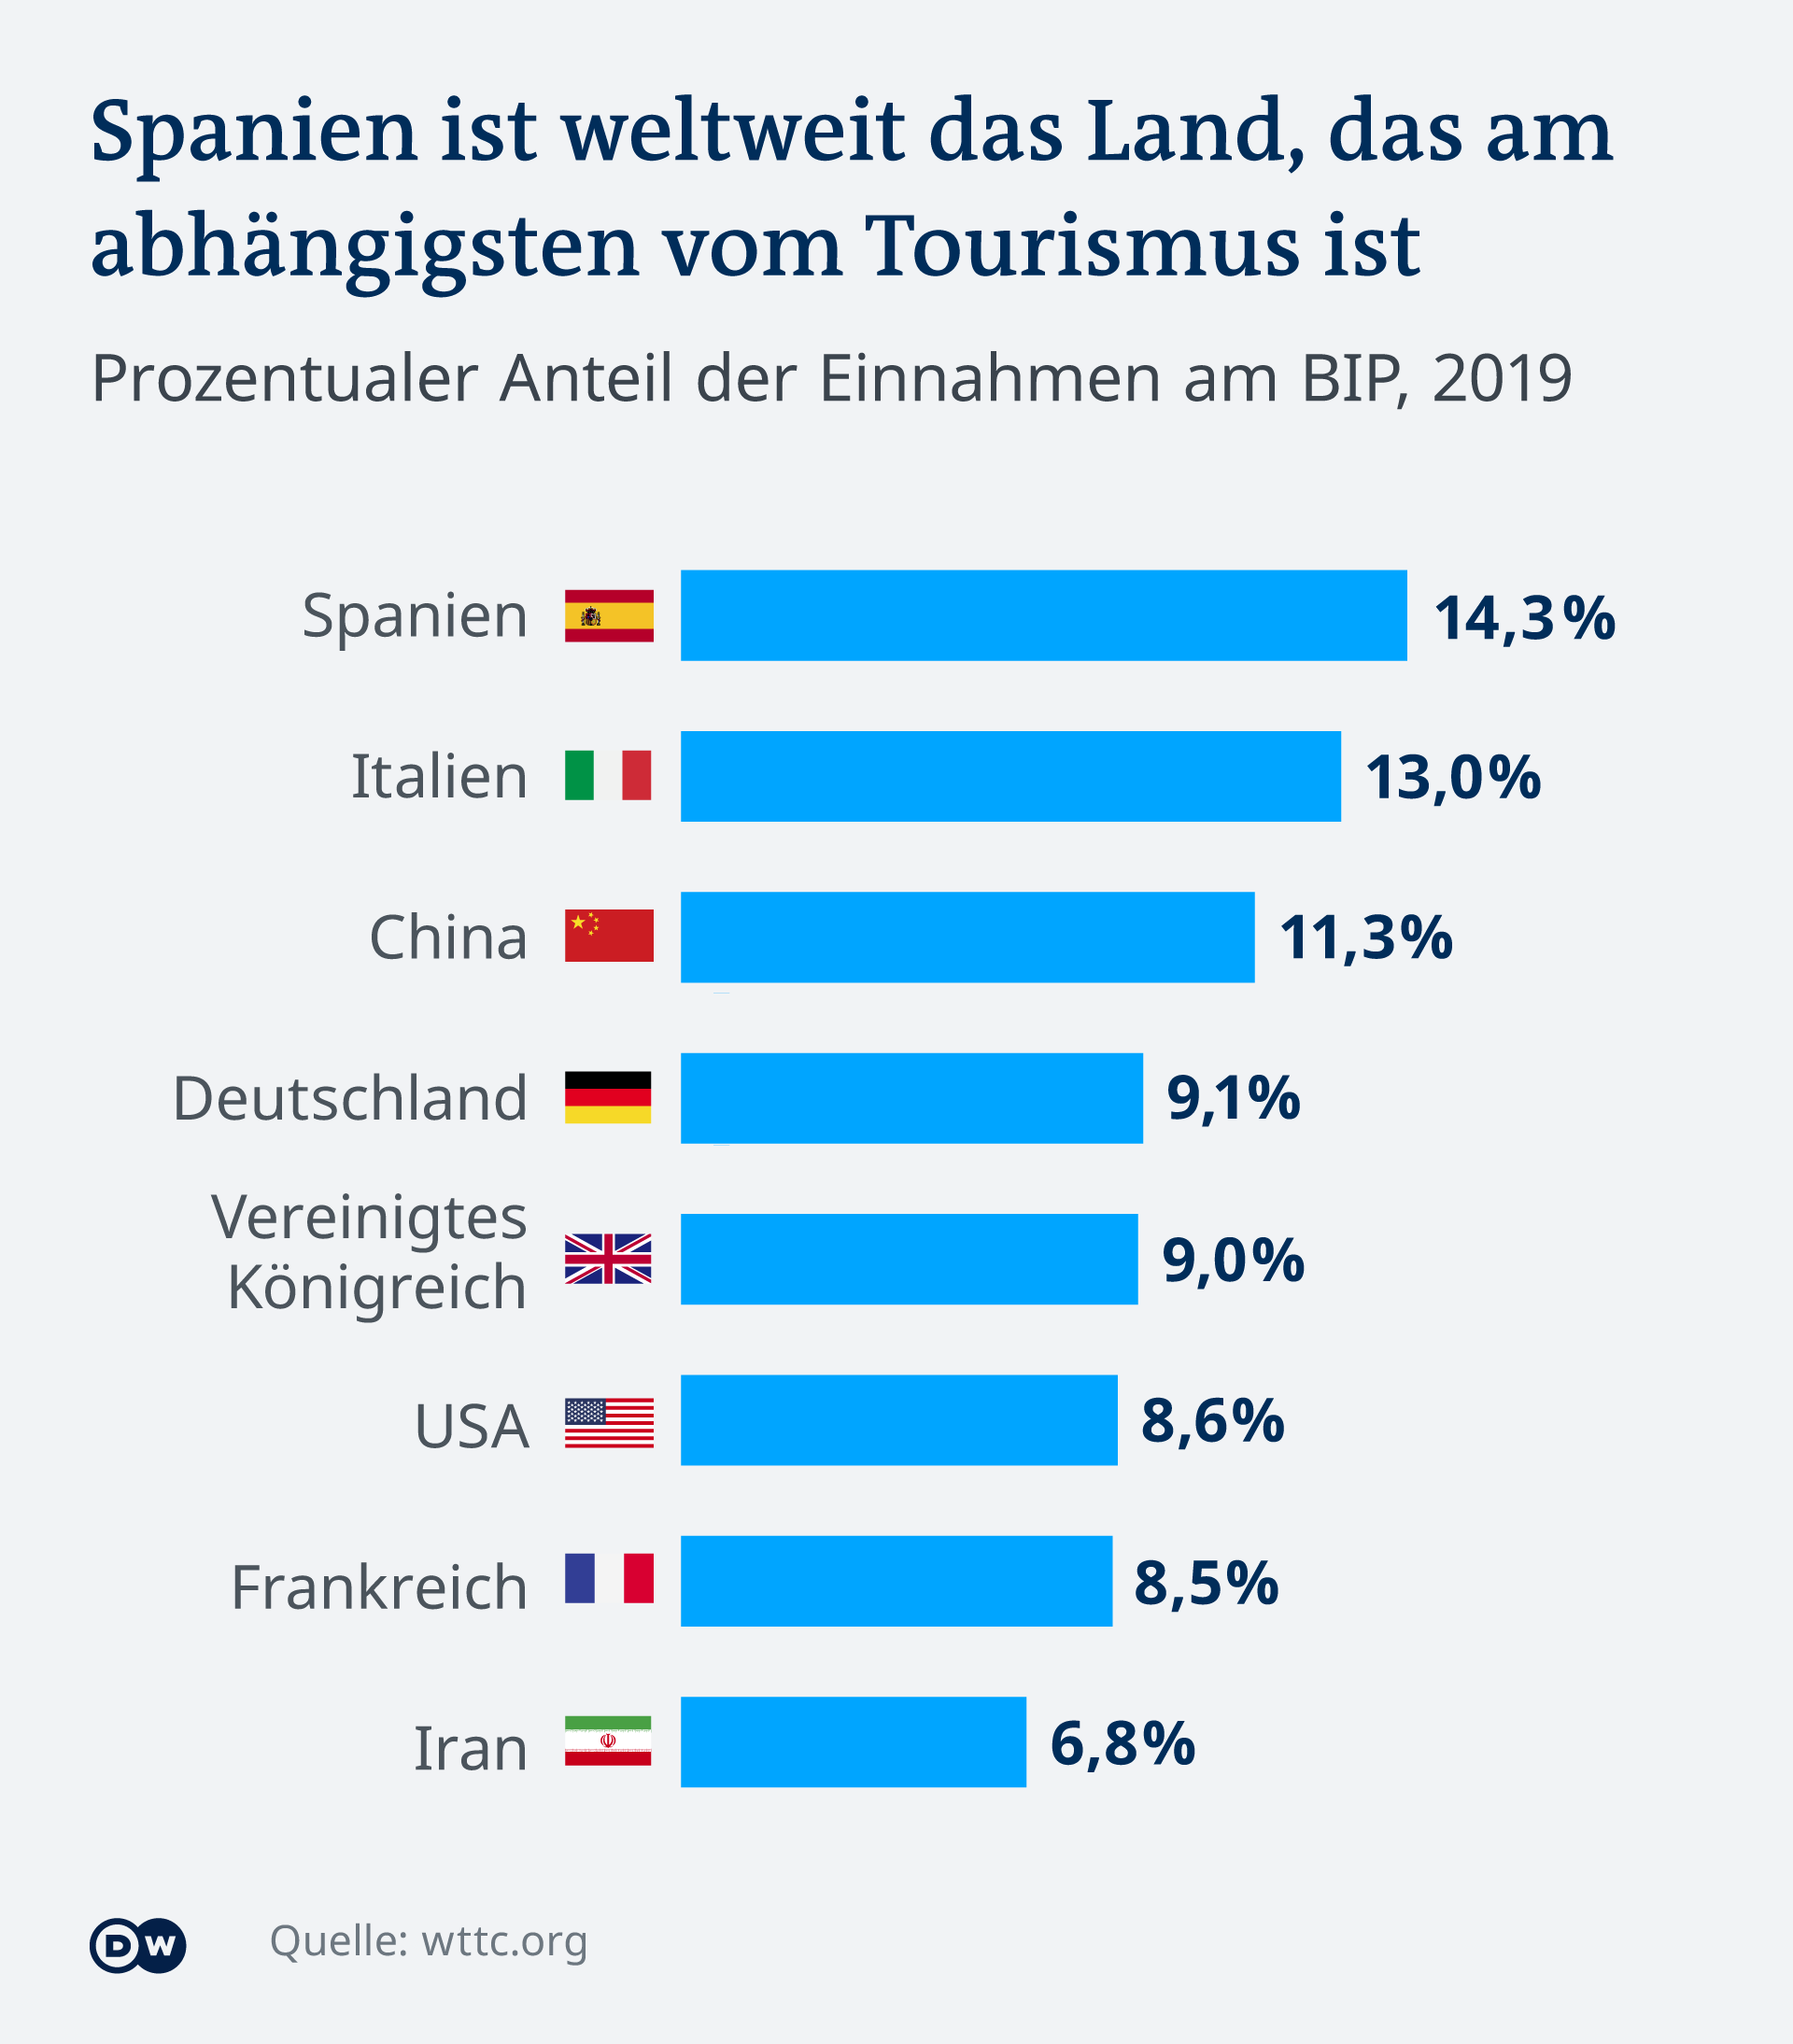 Испания е най-зависима от туризма като дял от БВП, следвана от Италия, Китай и Германия